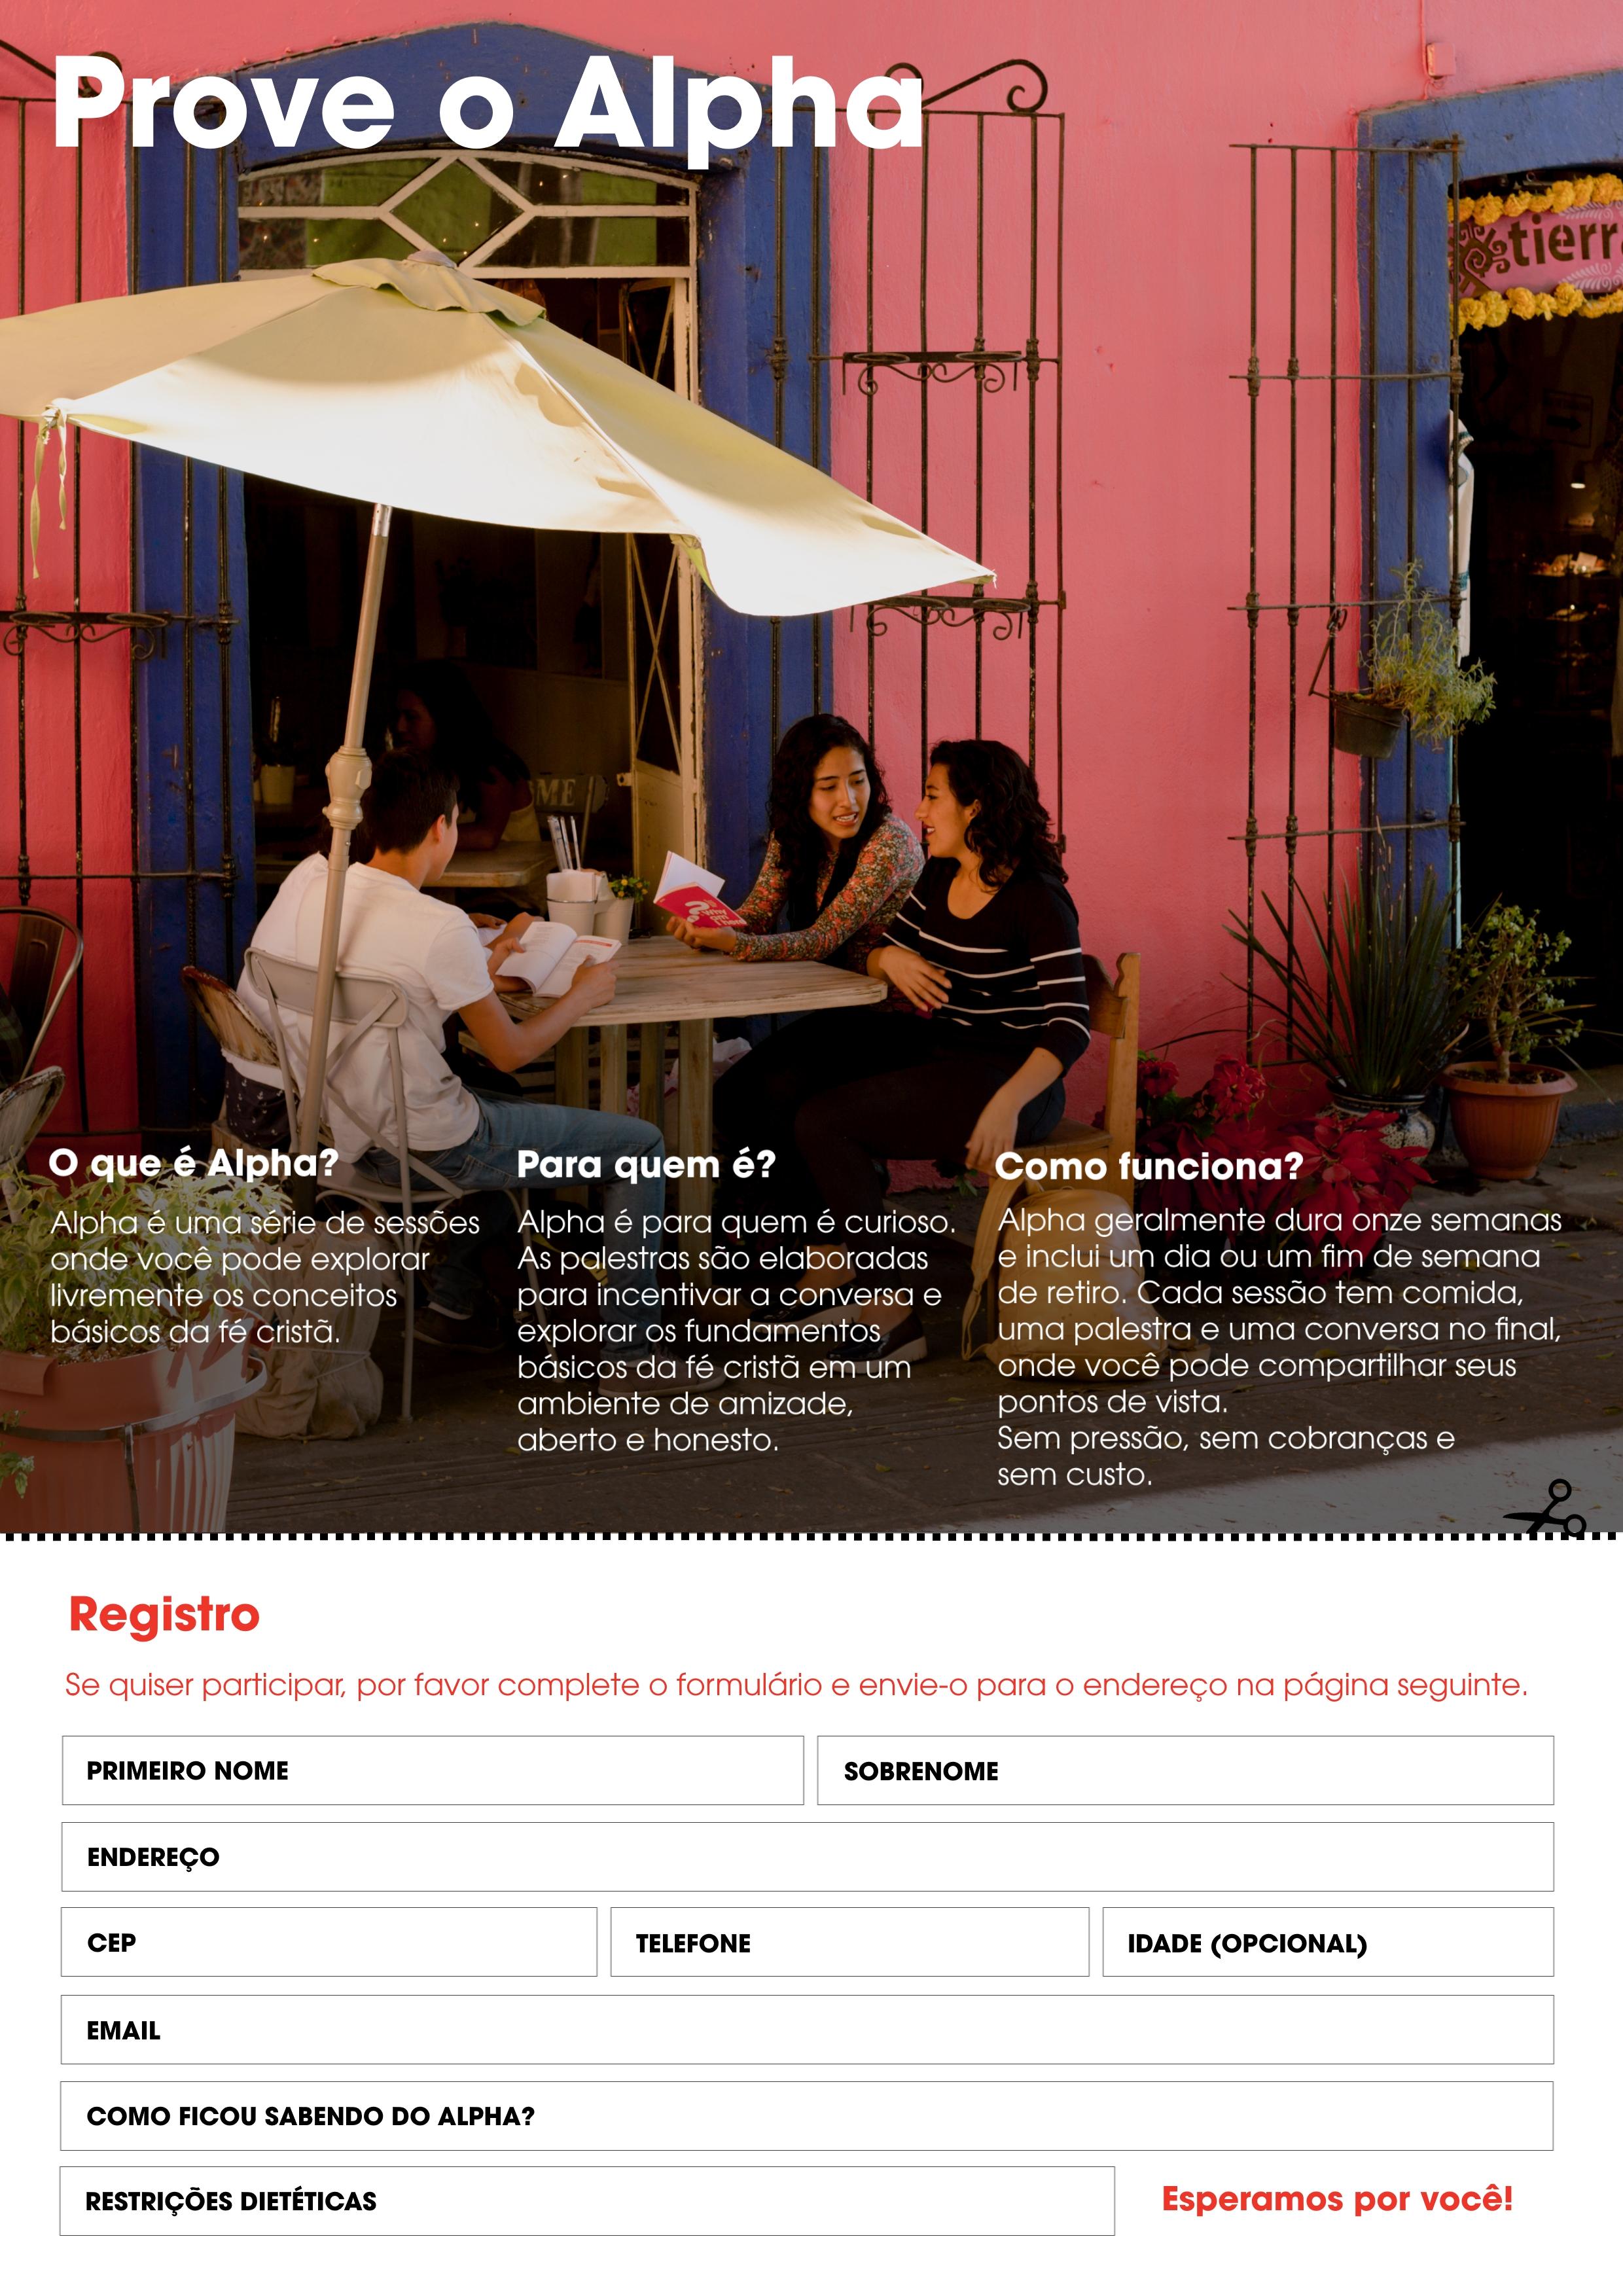 Convite (frente) (1).jpg